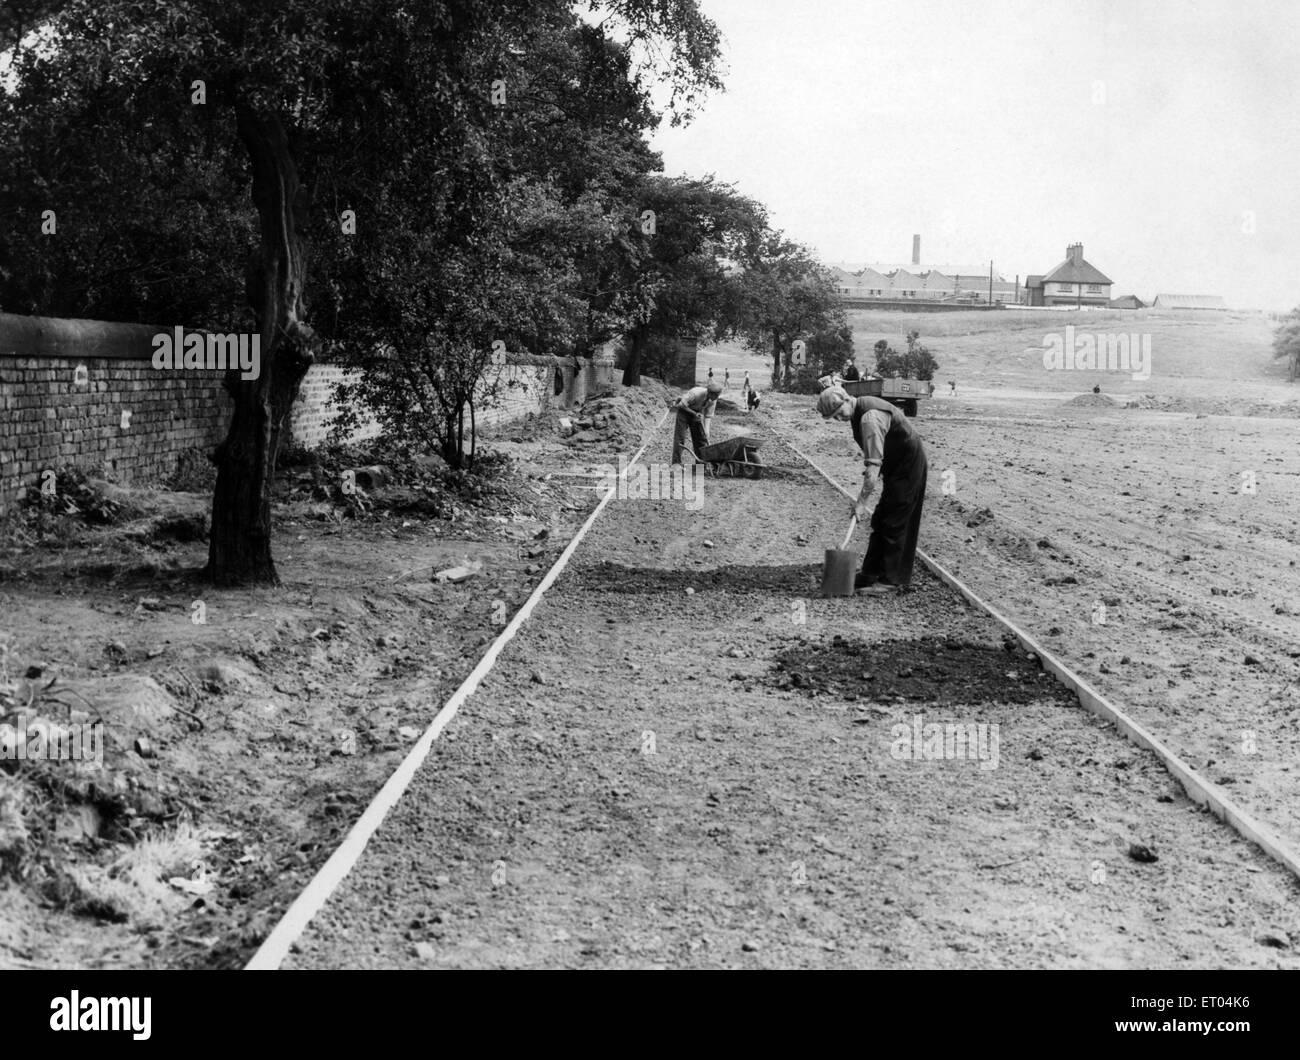 Wiederaufbau In Arbeit in Wavertree Park, Liverpool, die zwischen Edge Lane und Picton Road, Merseyside verläuft. Stockbild